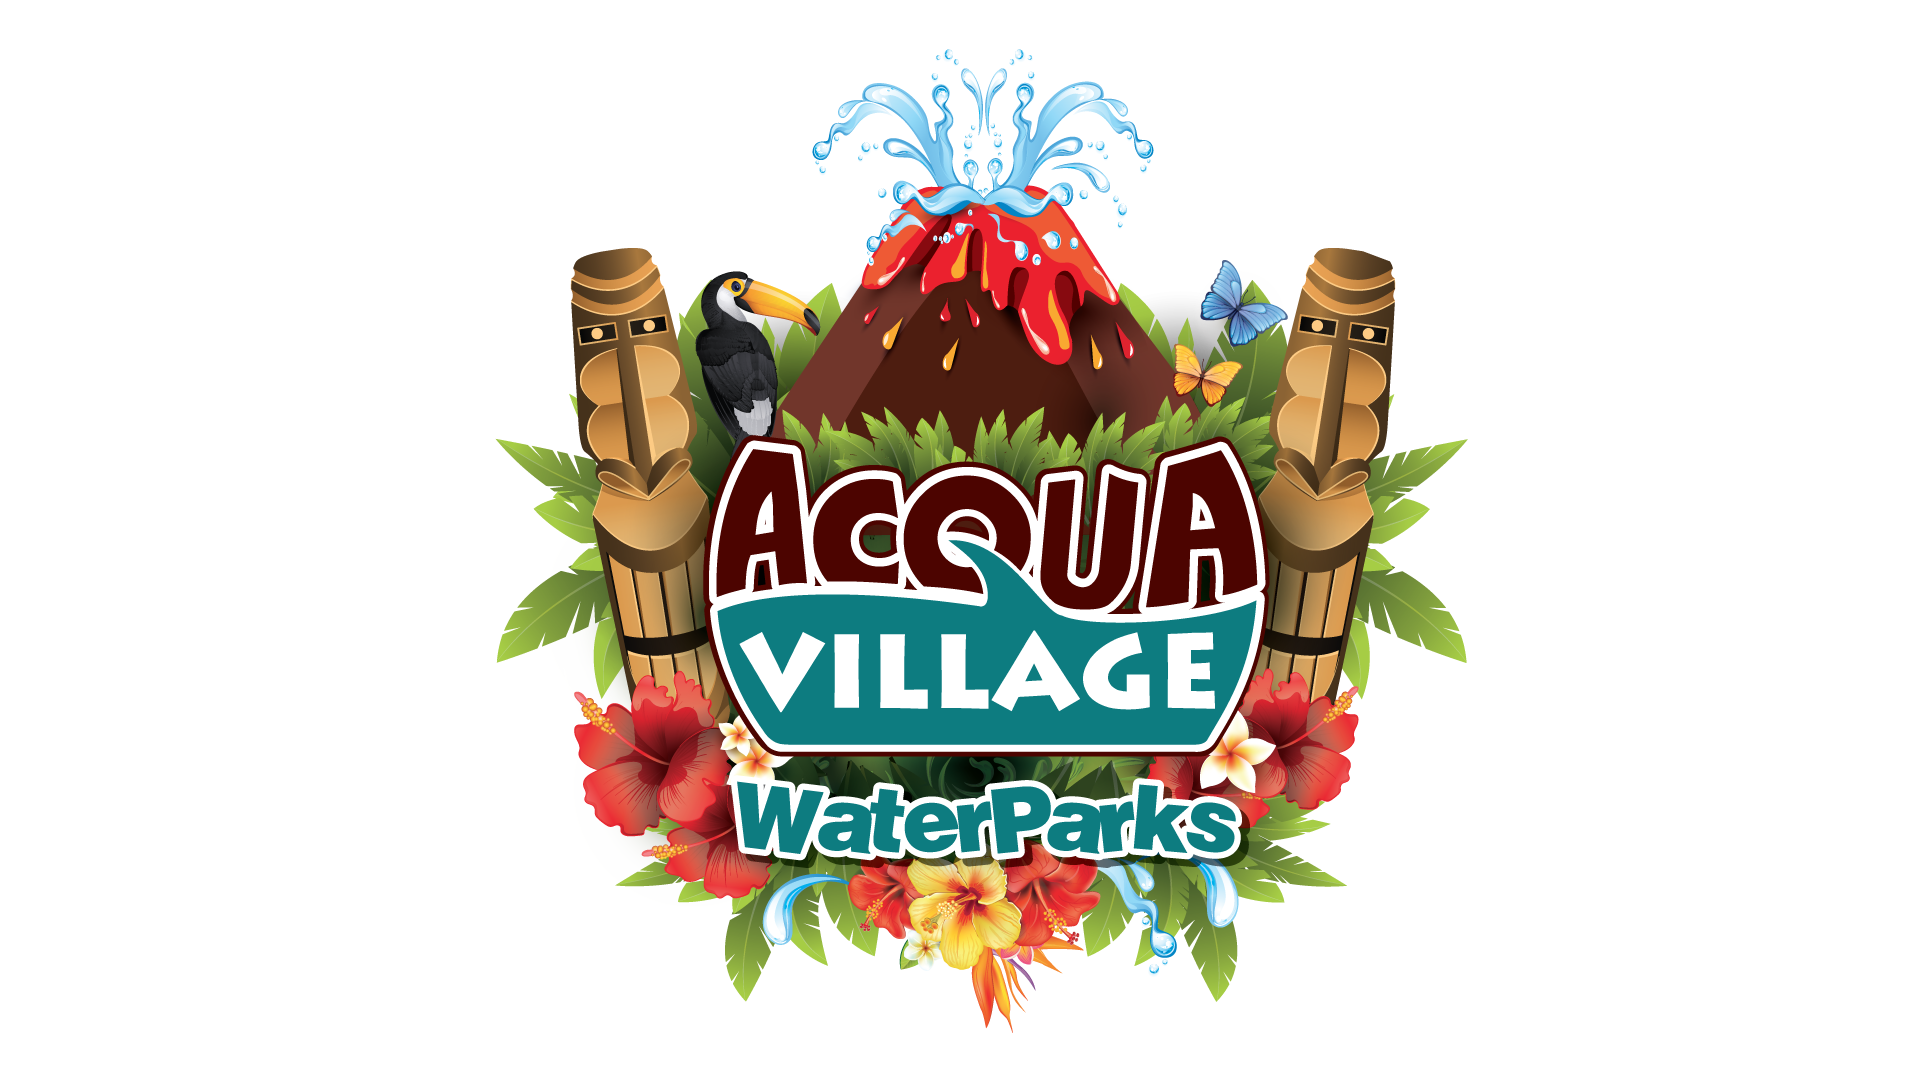 http://www.acquavillage.it/it/